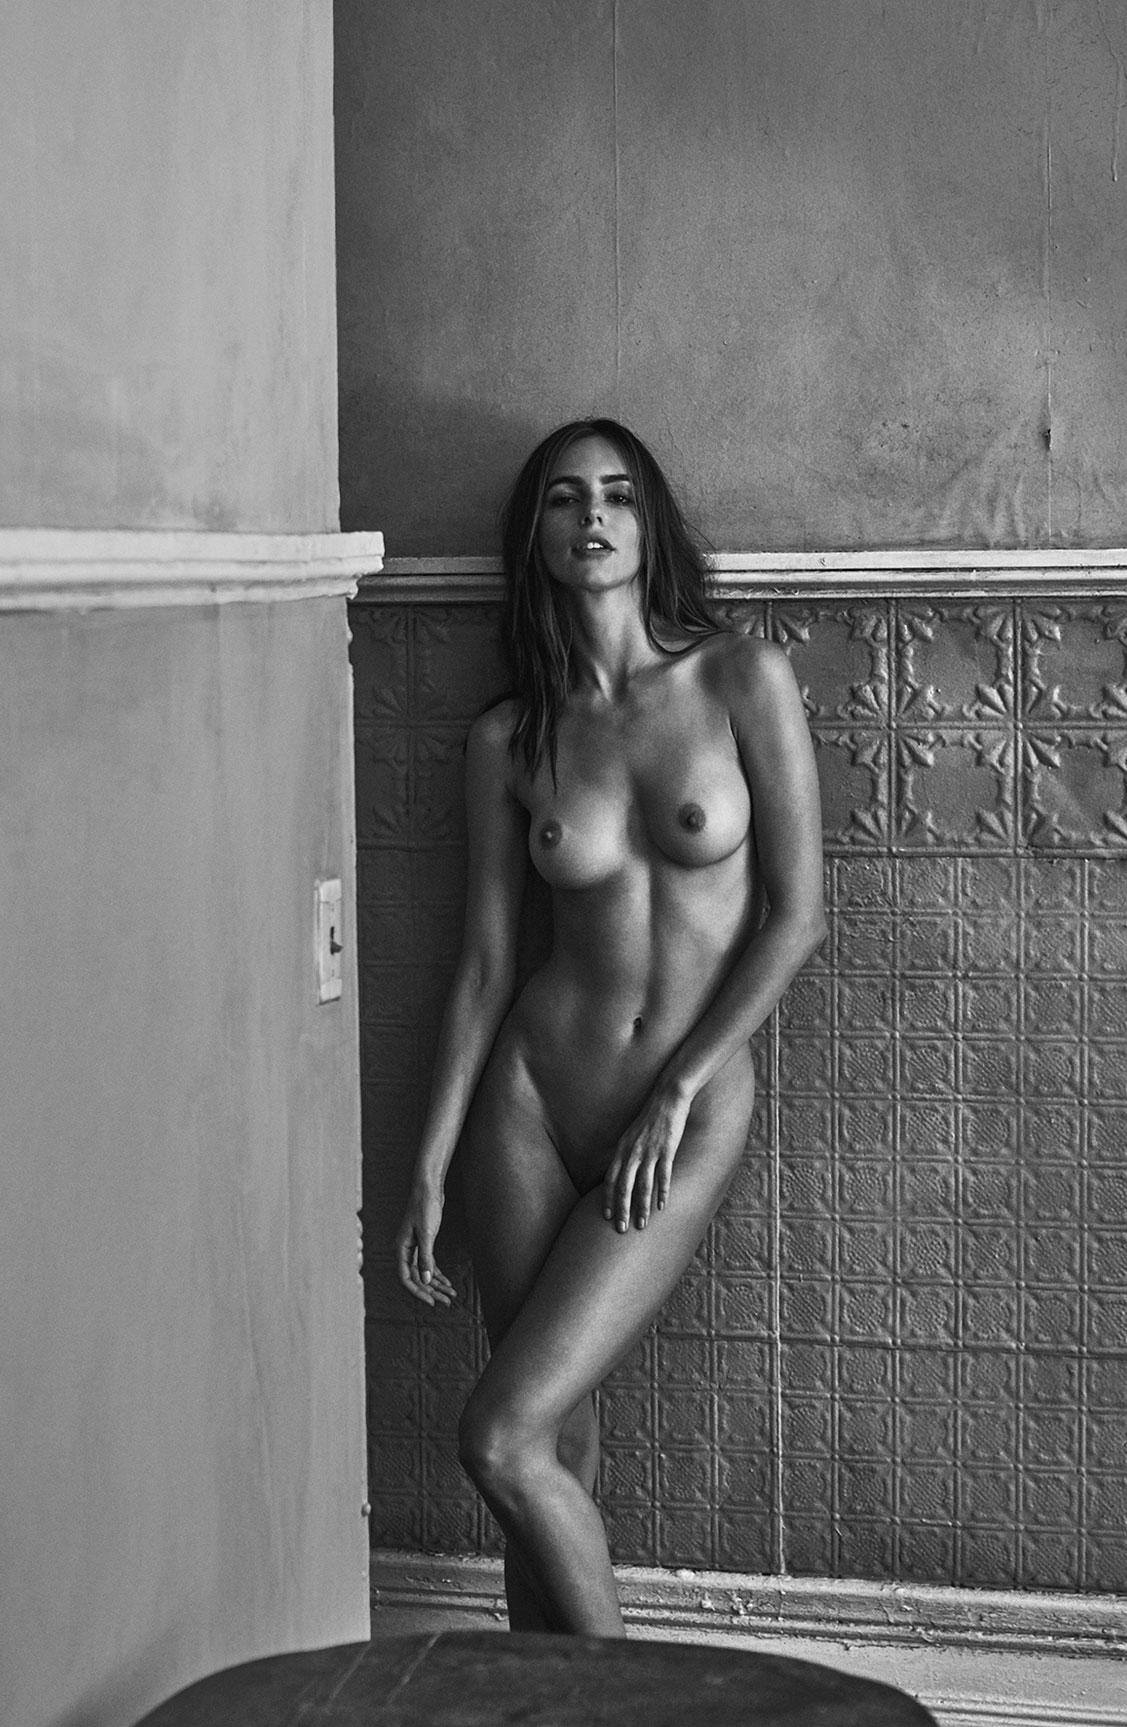 подборка фотографий сексуальных голых девушек - Amanda-Marie Pizziconi